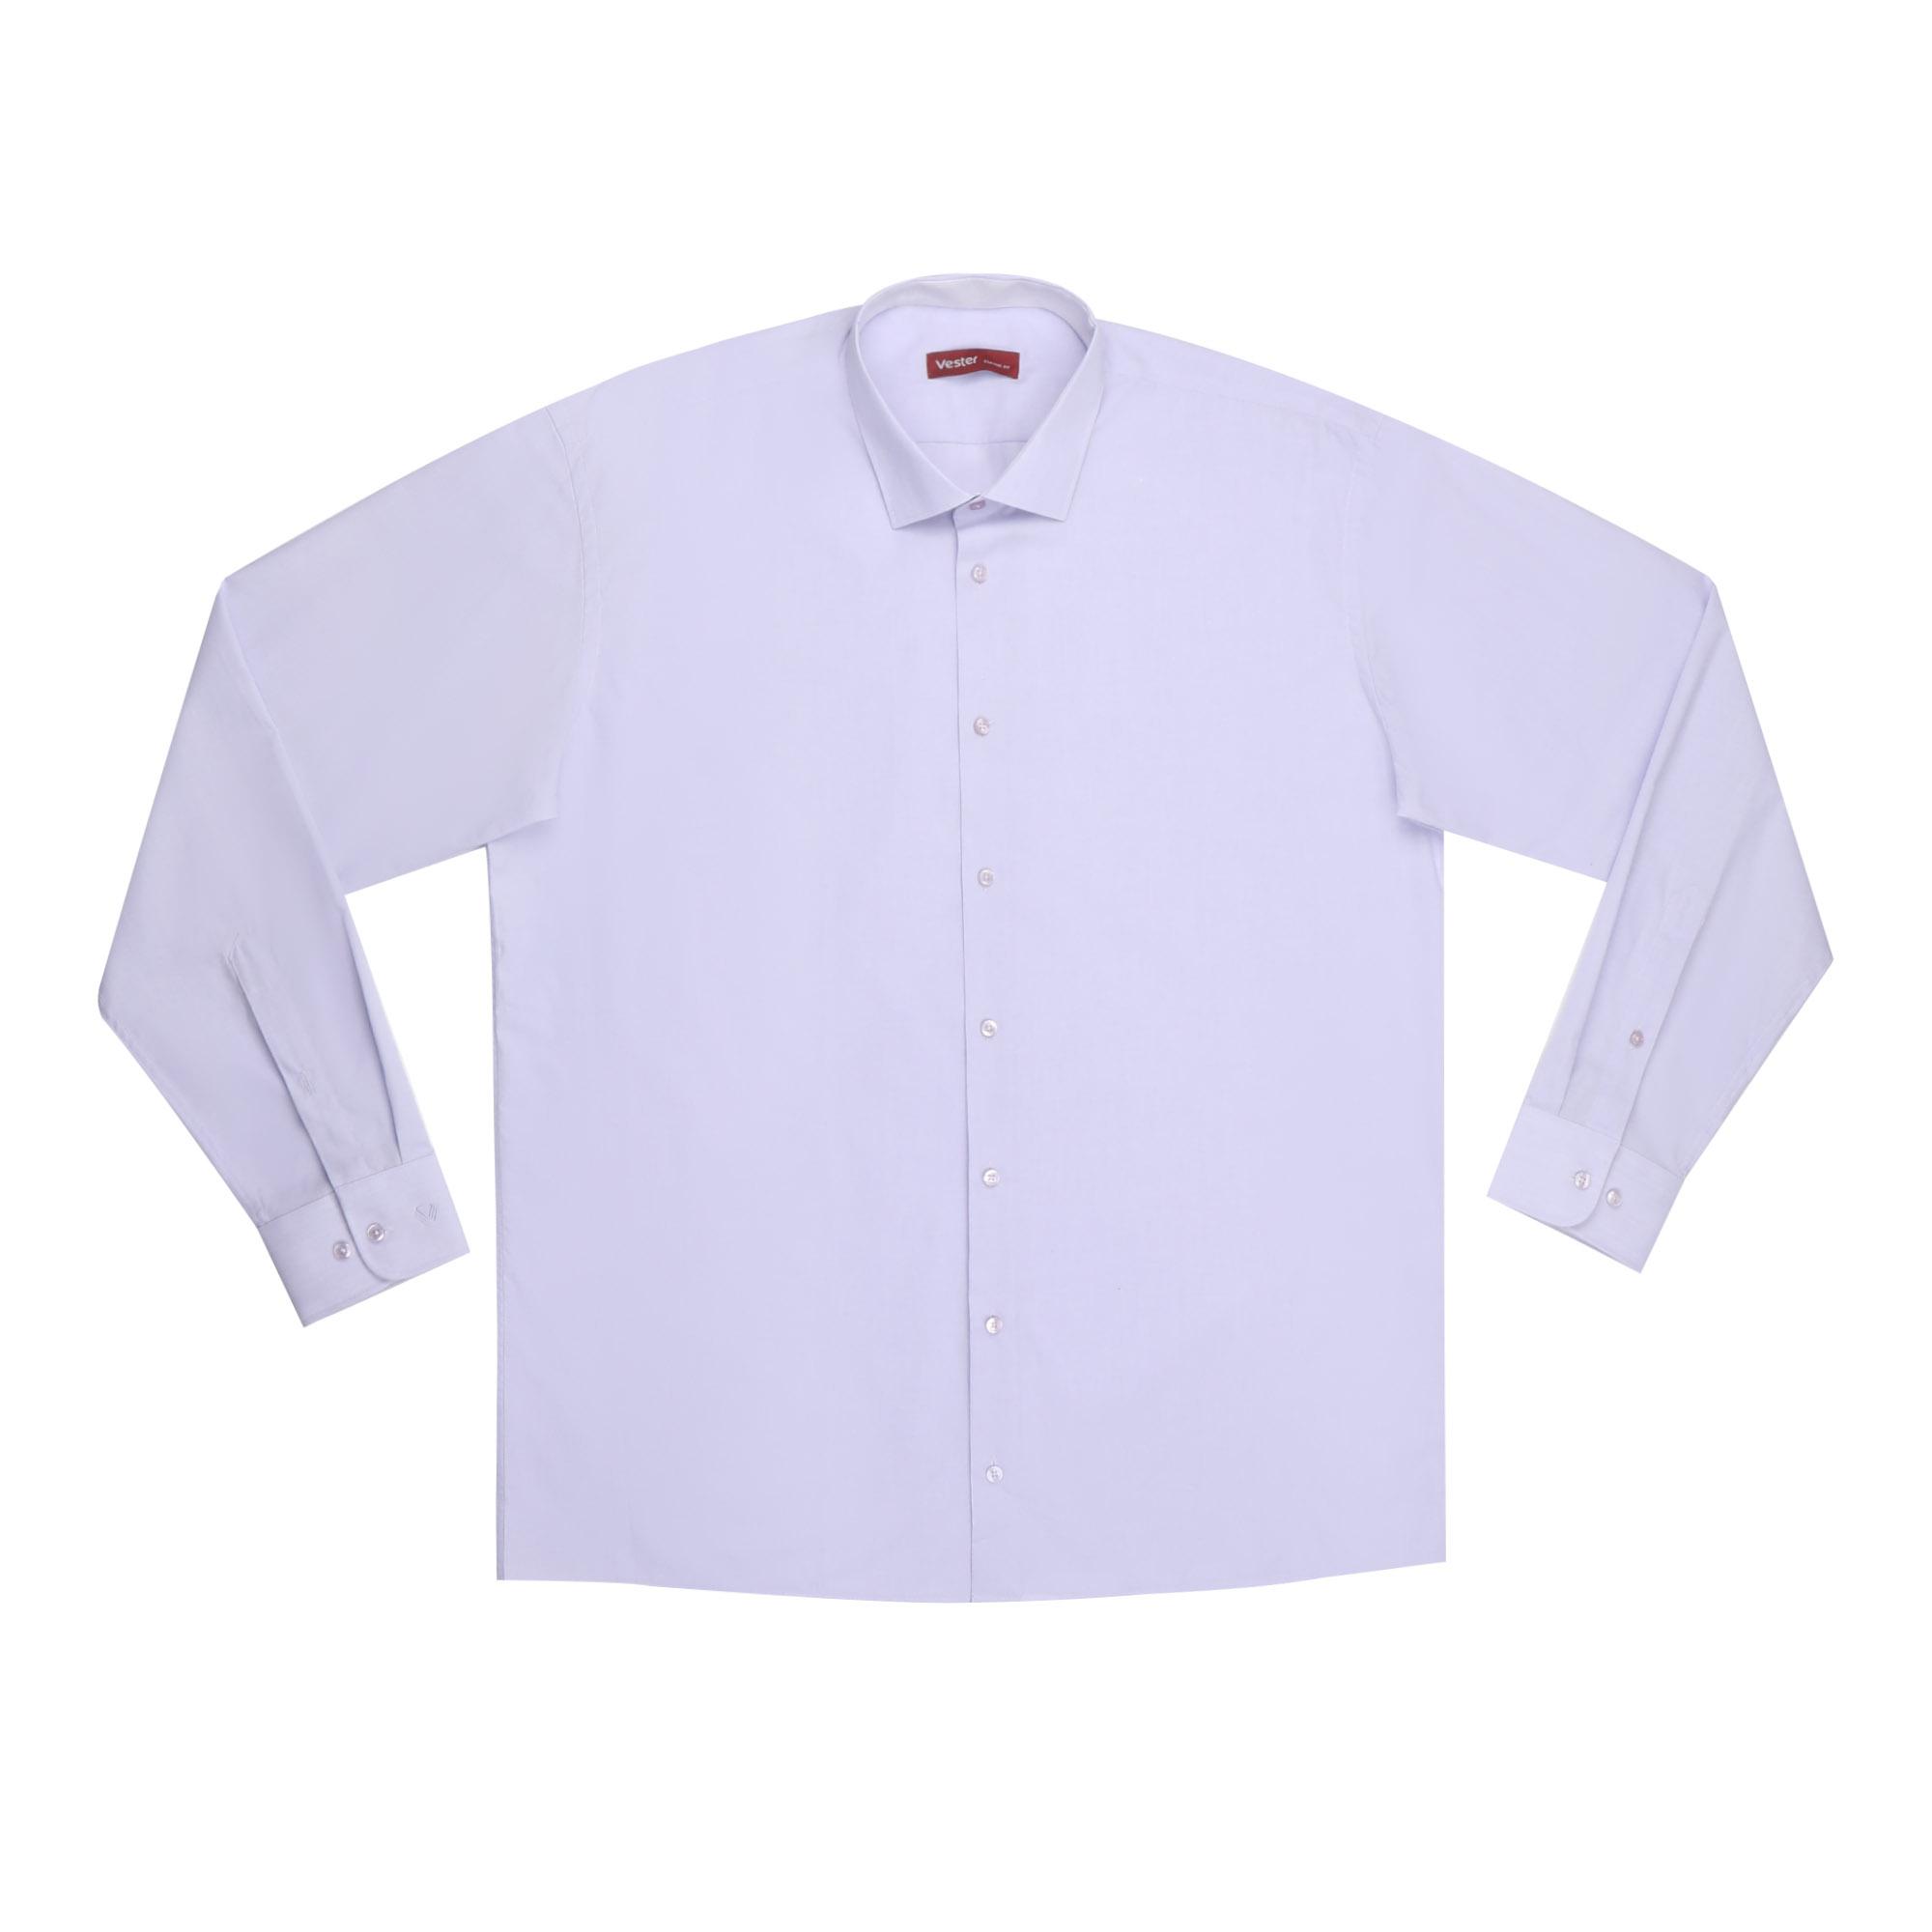 Фото - Сорочка классическая Vester 70715 сорочка мужская vester 68814 41s 170 176